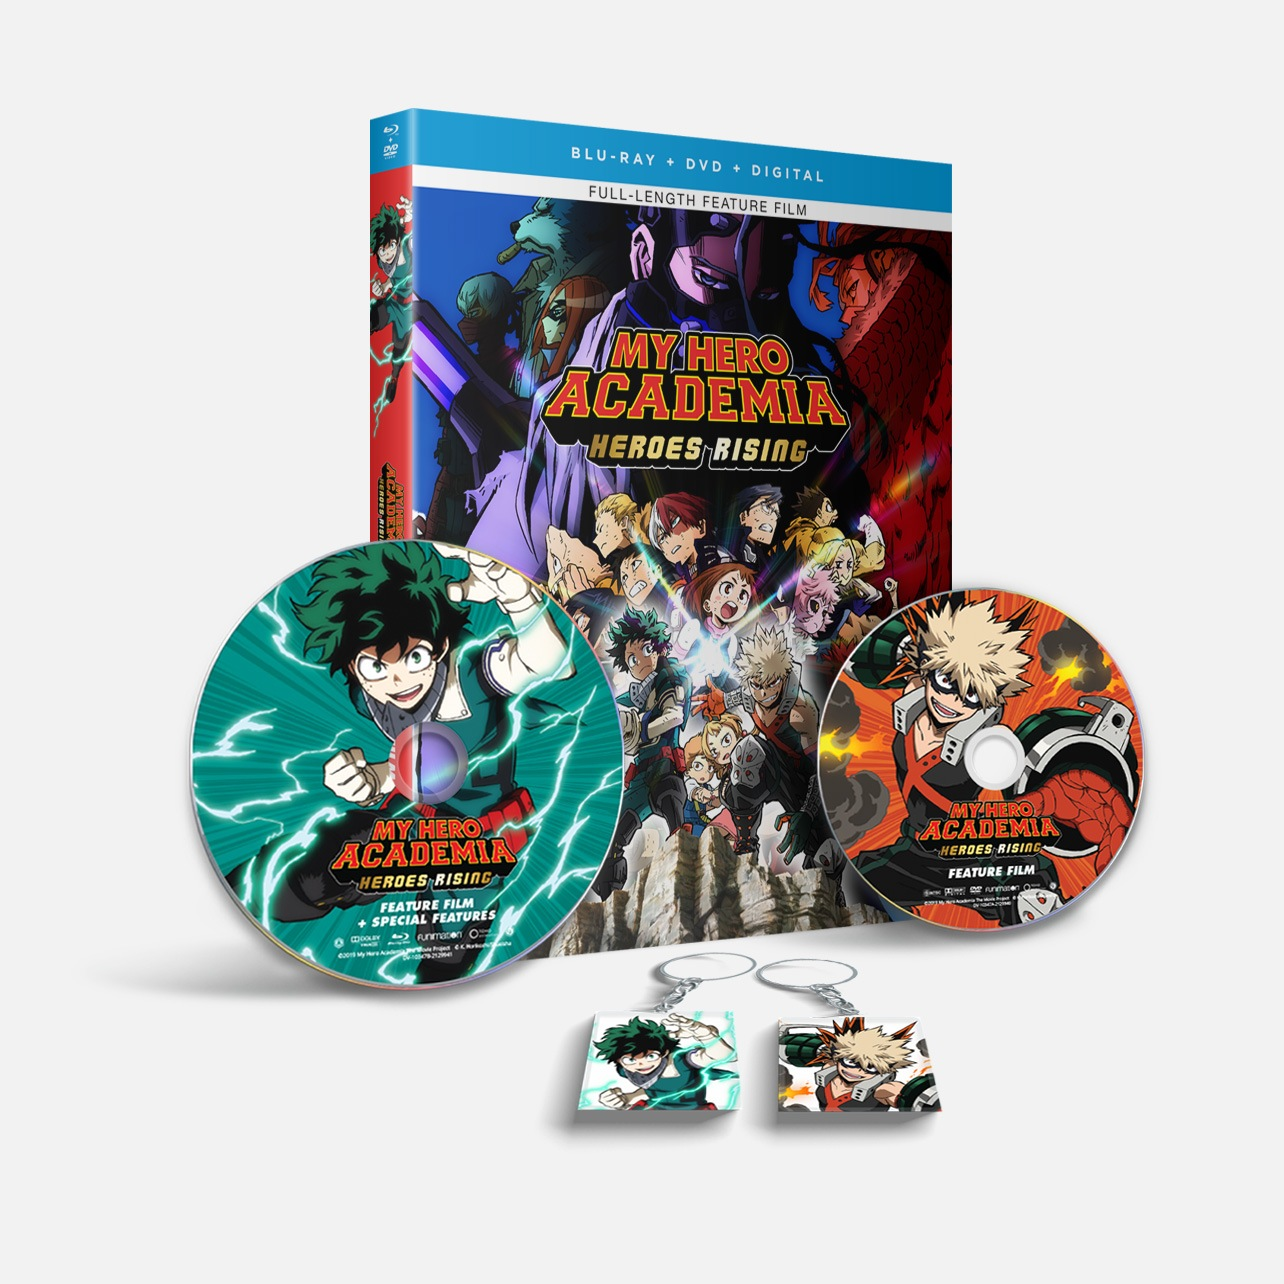 My Hero Academia Heroes Rising Blu Ray Dvd Digital October 27